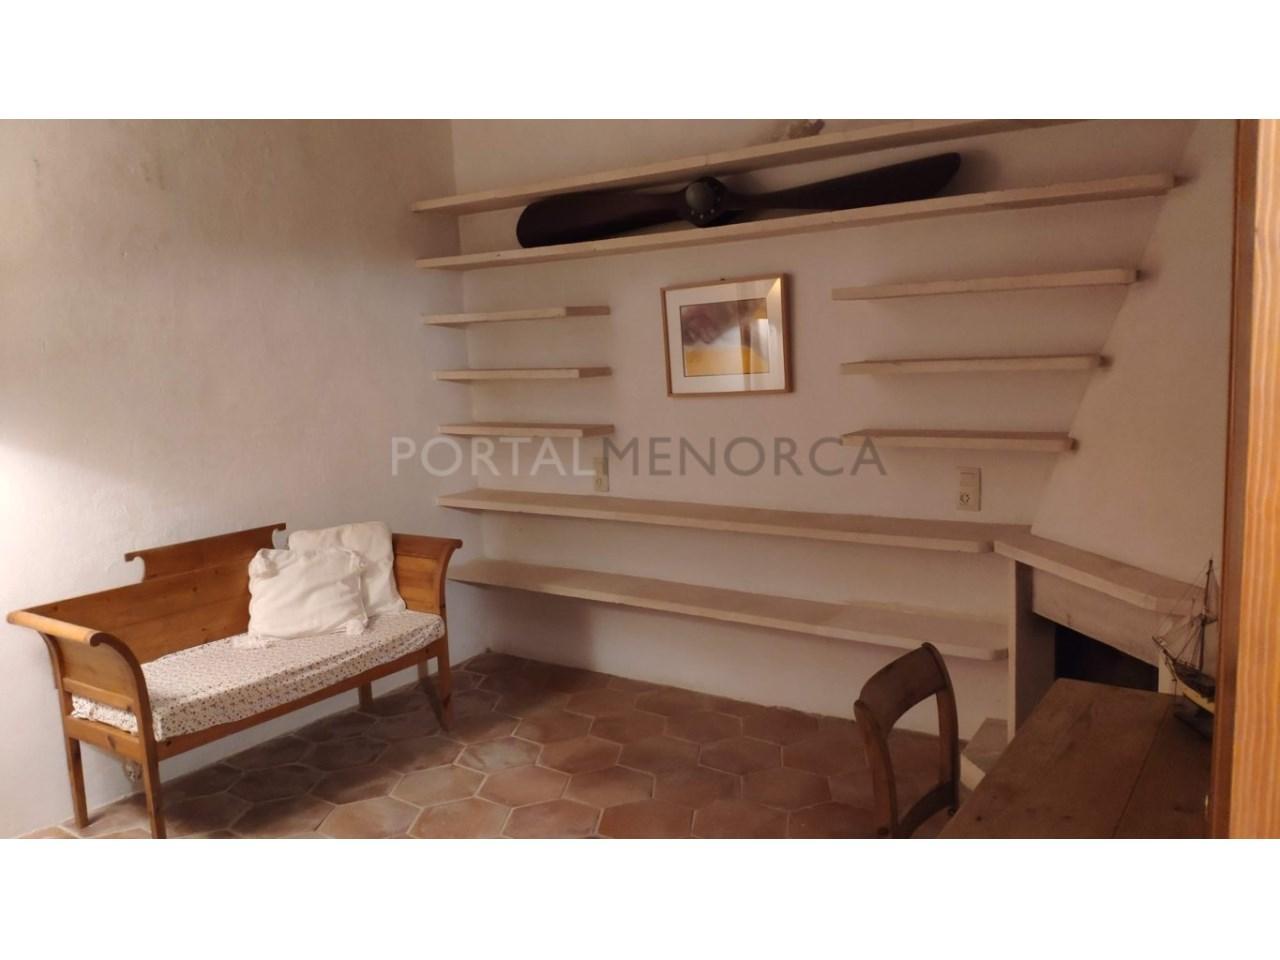 casa reformada en venta en Ciutadella de Menorca salón con chimenea 3-3 (FILEminimizer)